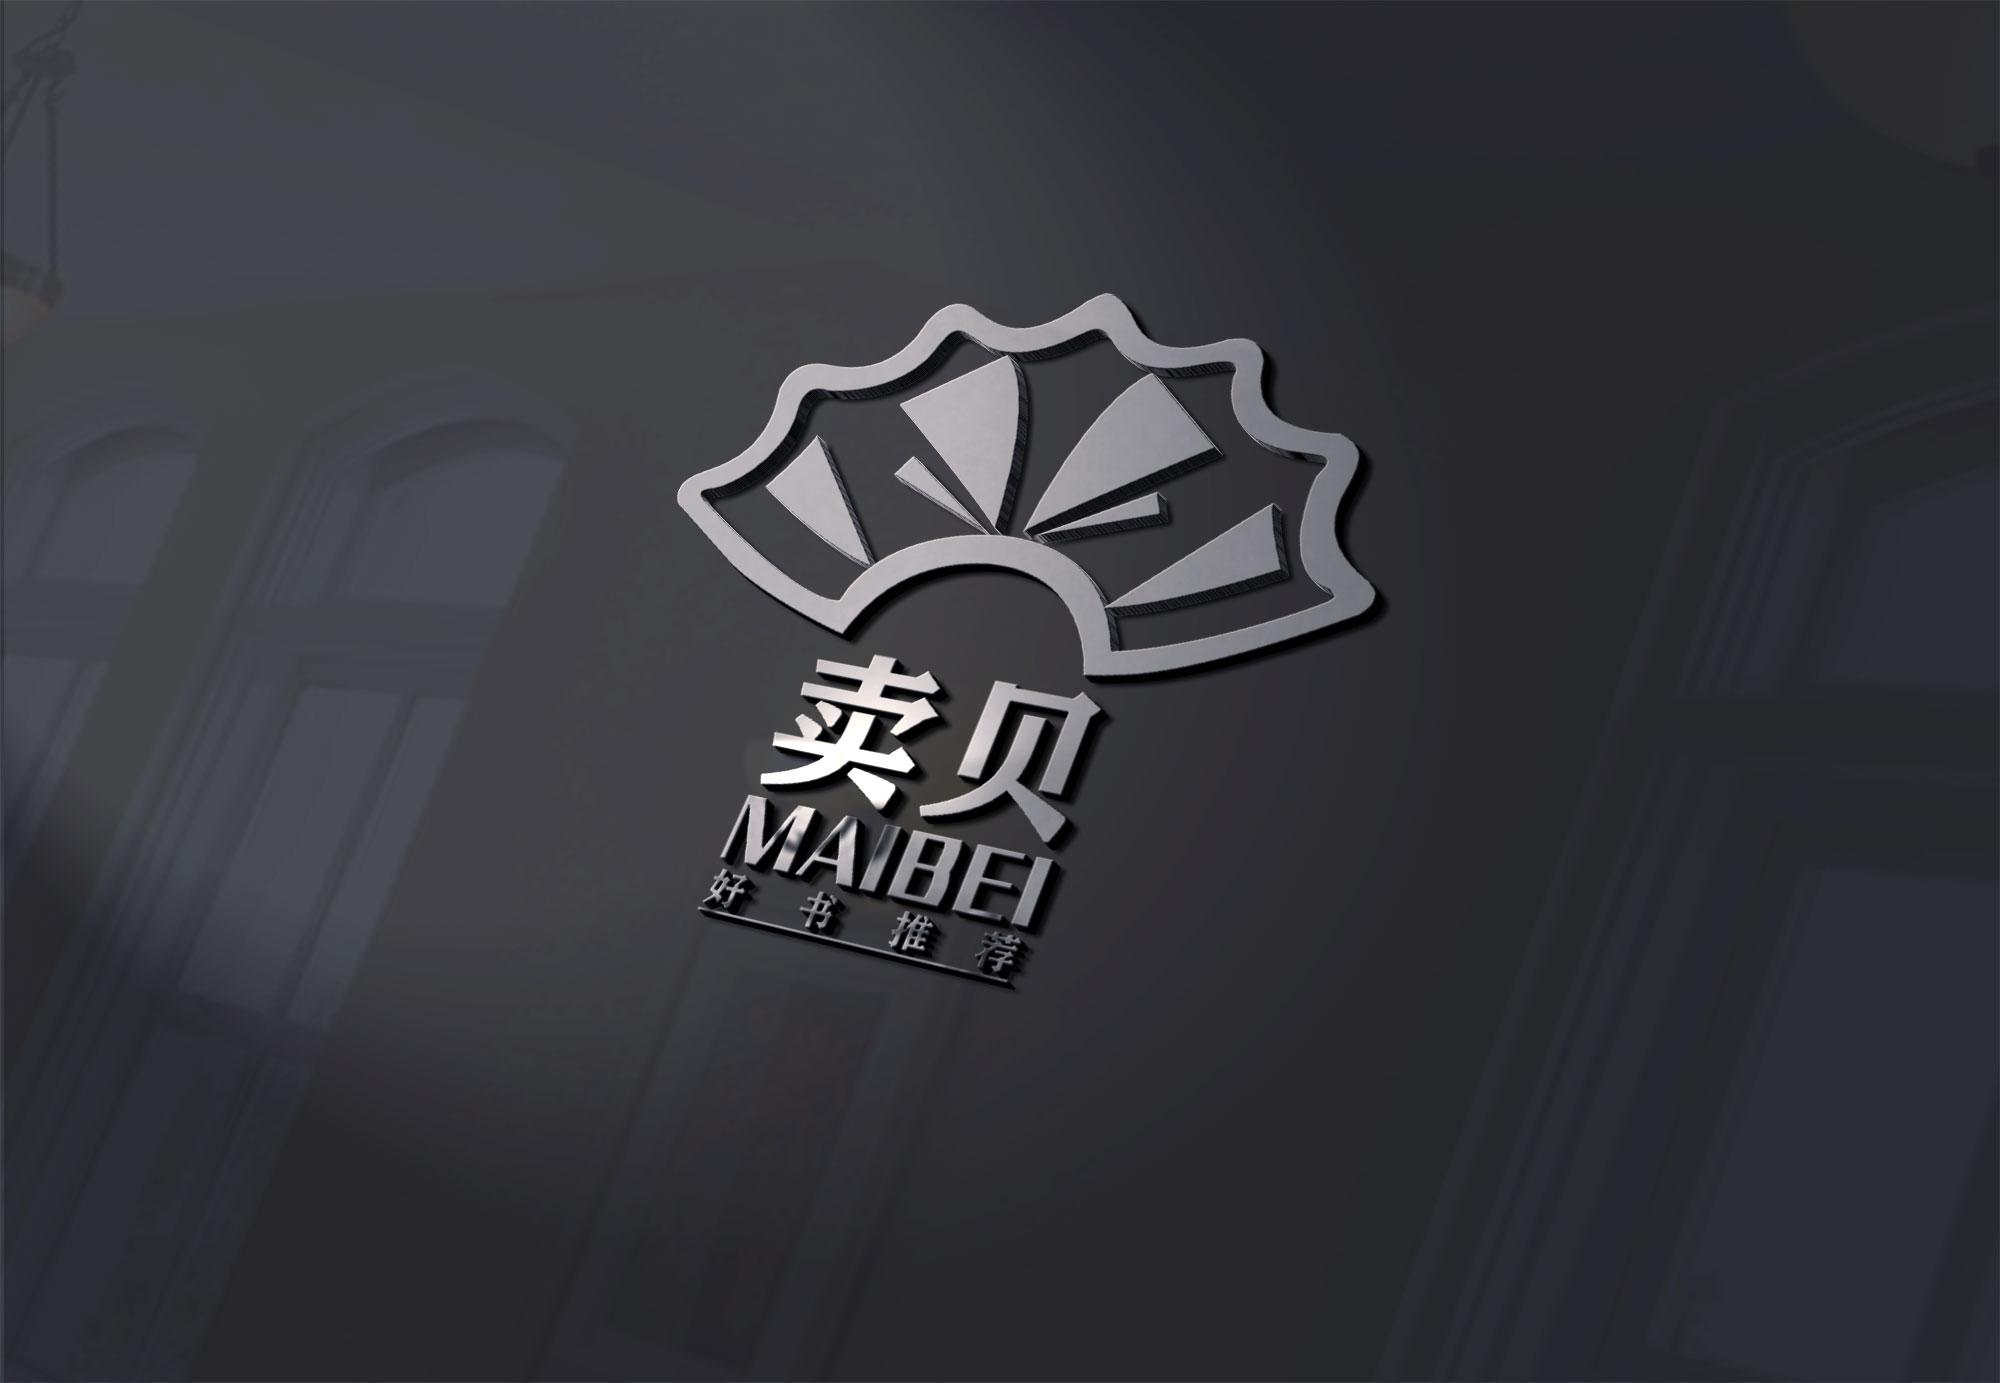 商城logo设计_3036153_k68威客网